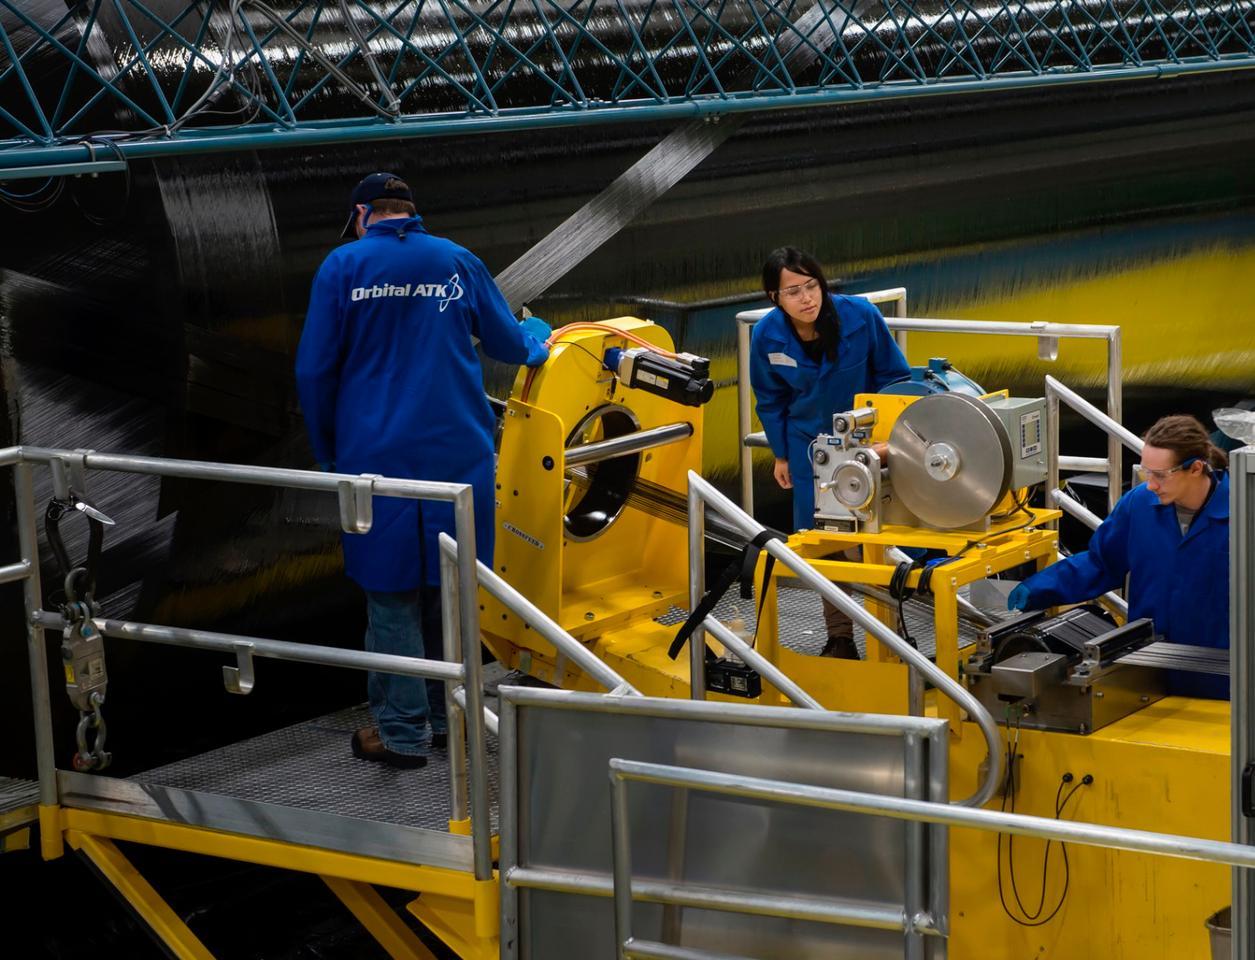 The solid-fuel rocket motor case from Orbital ATK